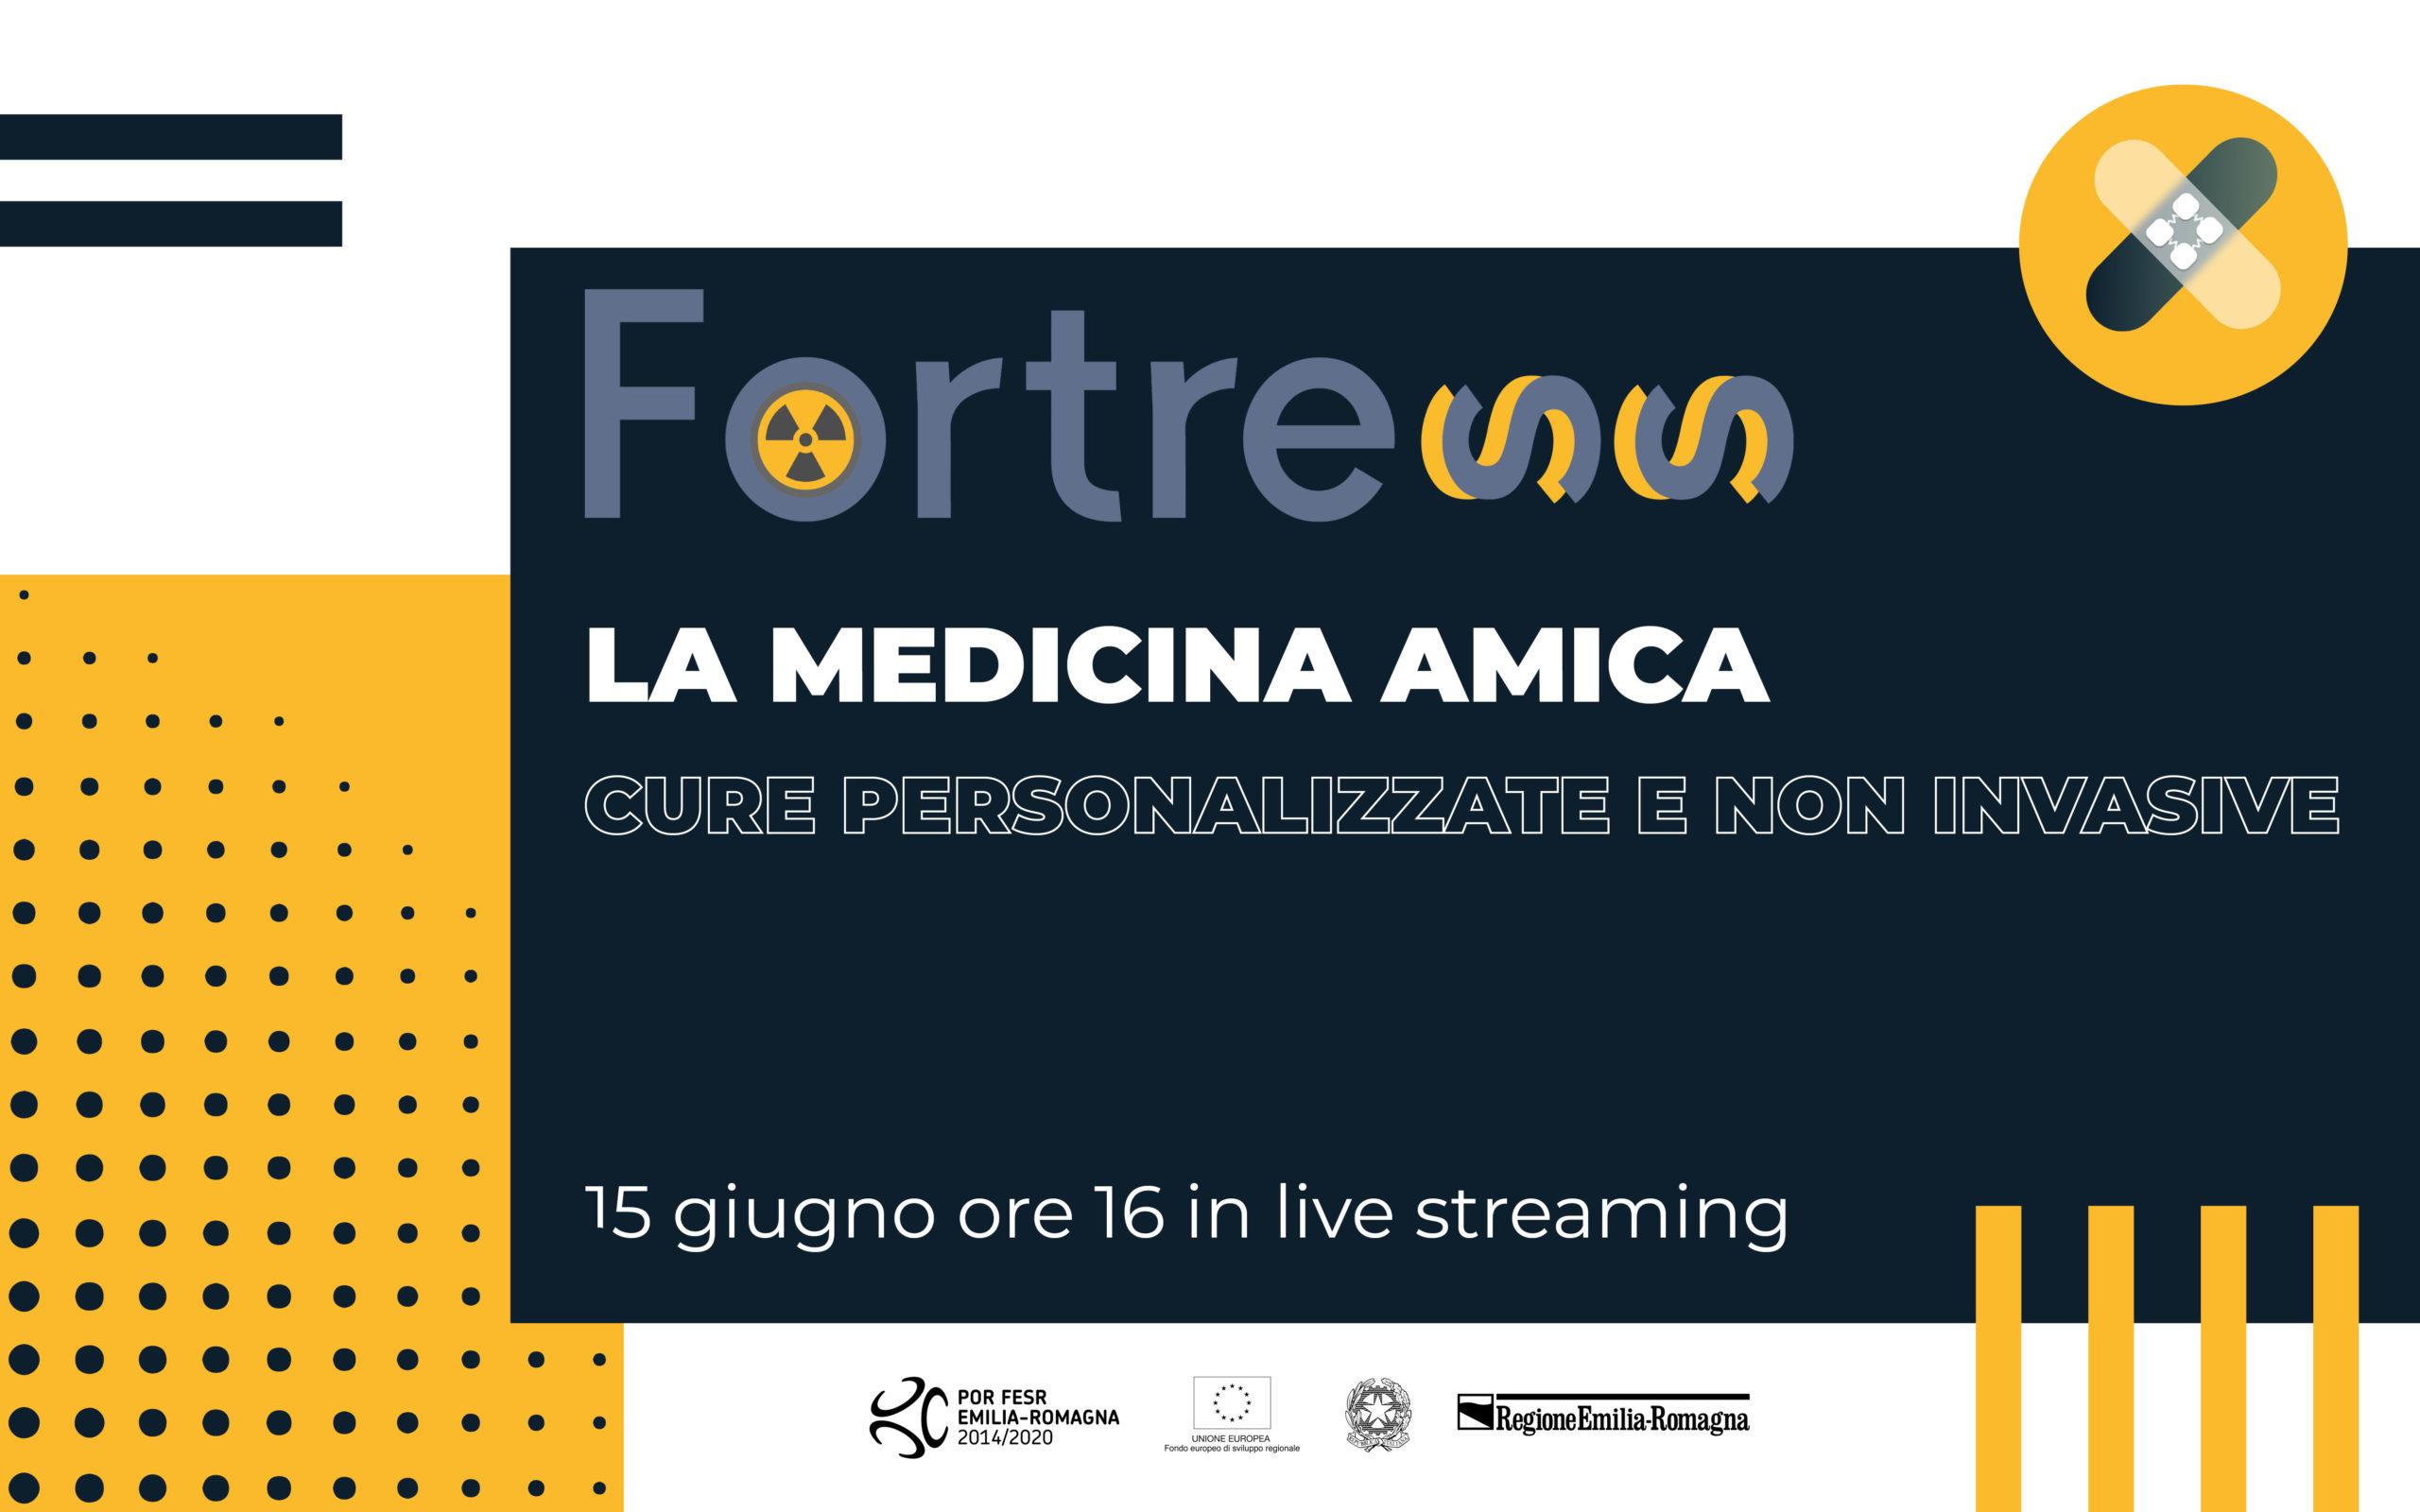 Fortress, la medicina amica: cure personalizzate e non invasive